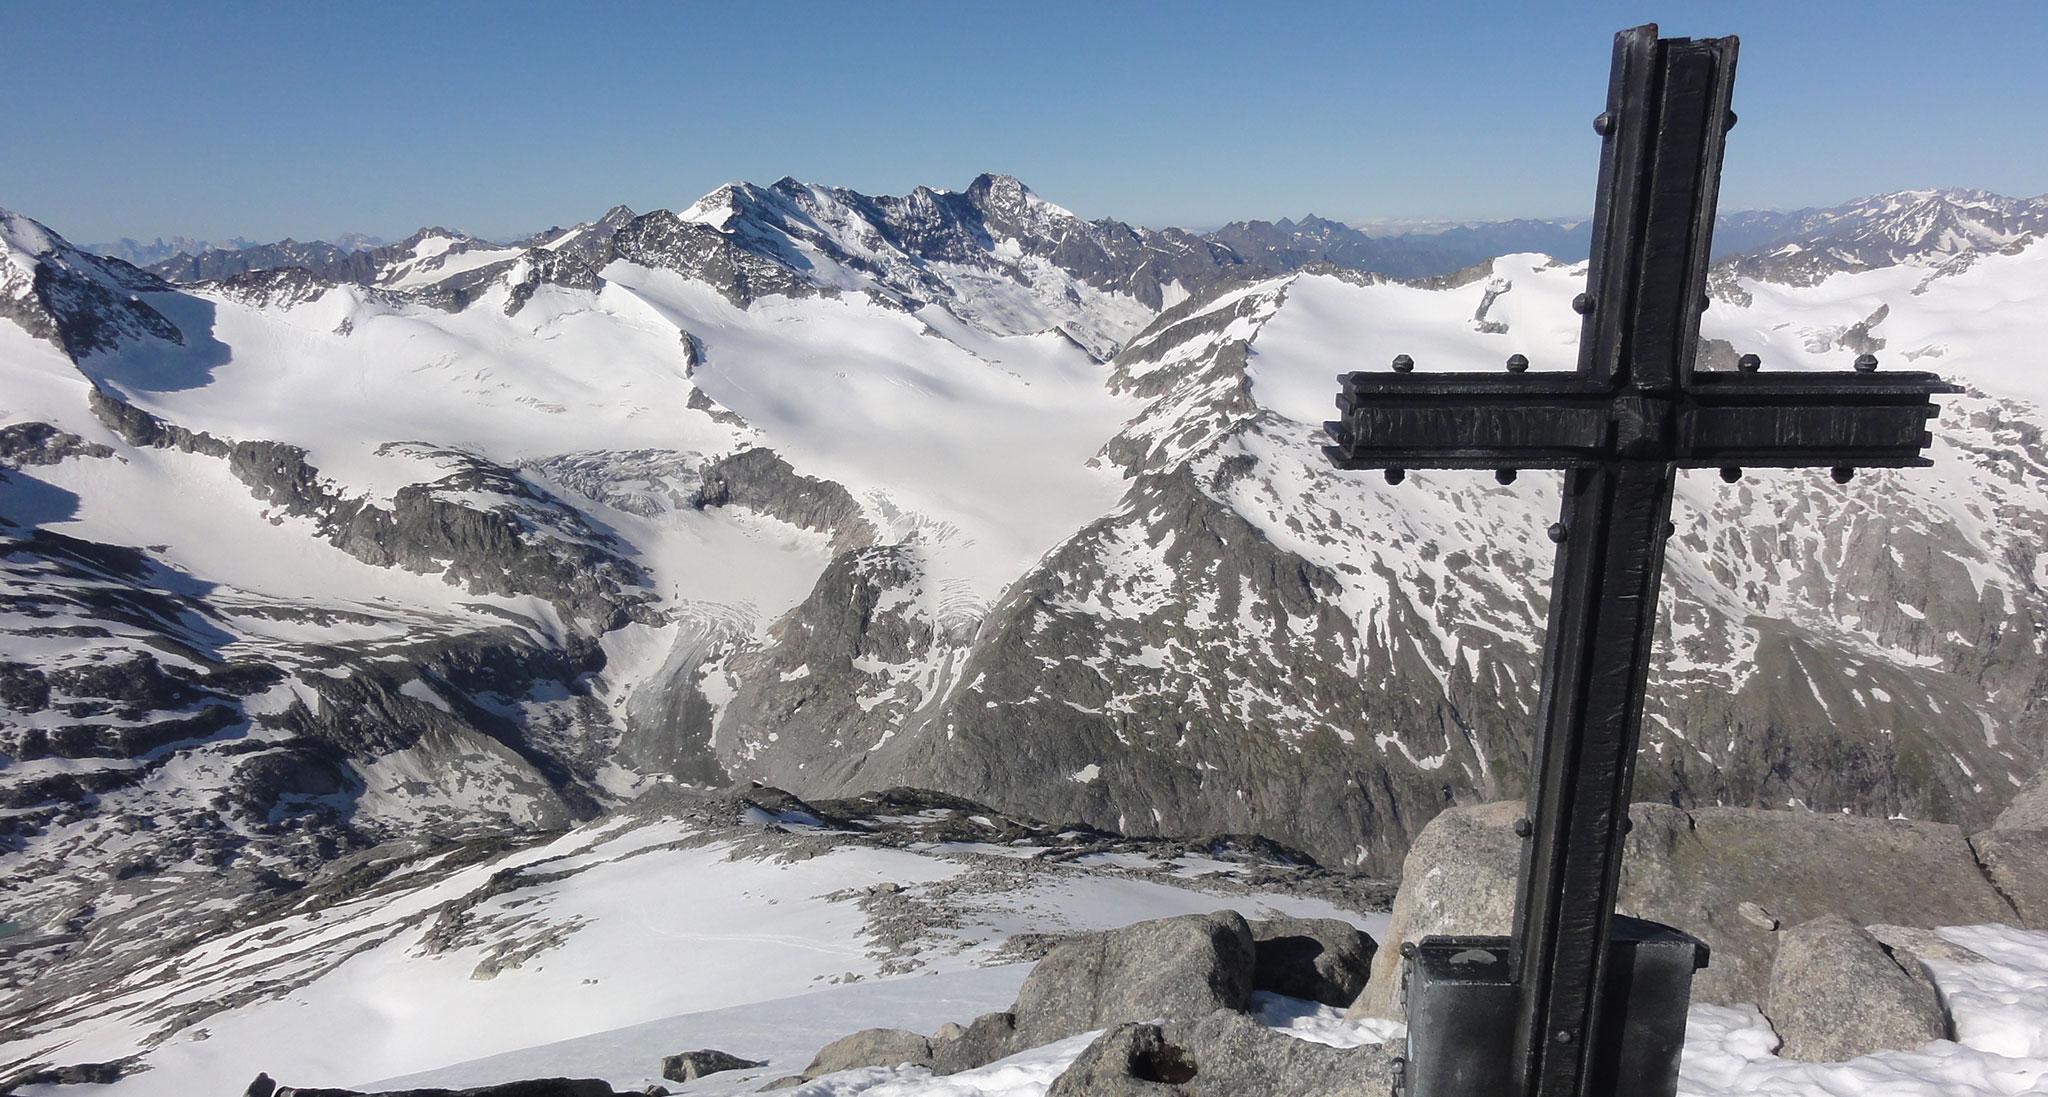 Arnoweg: Blick vom Keeskogel über der Kürsinger Hütte Richtung Obersulzbachkees und Dreiherrenspitze